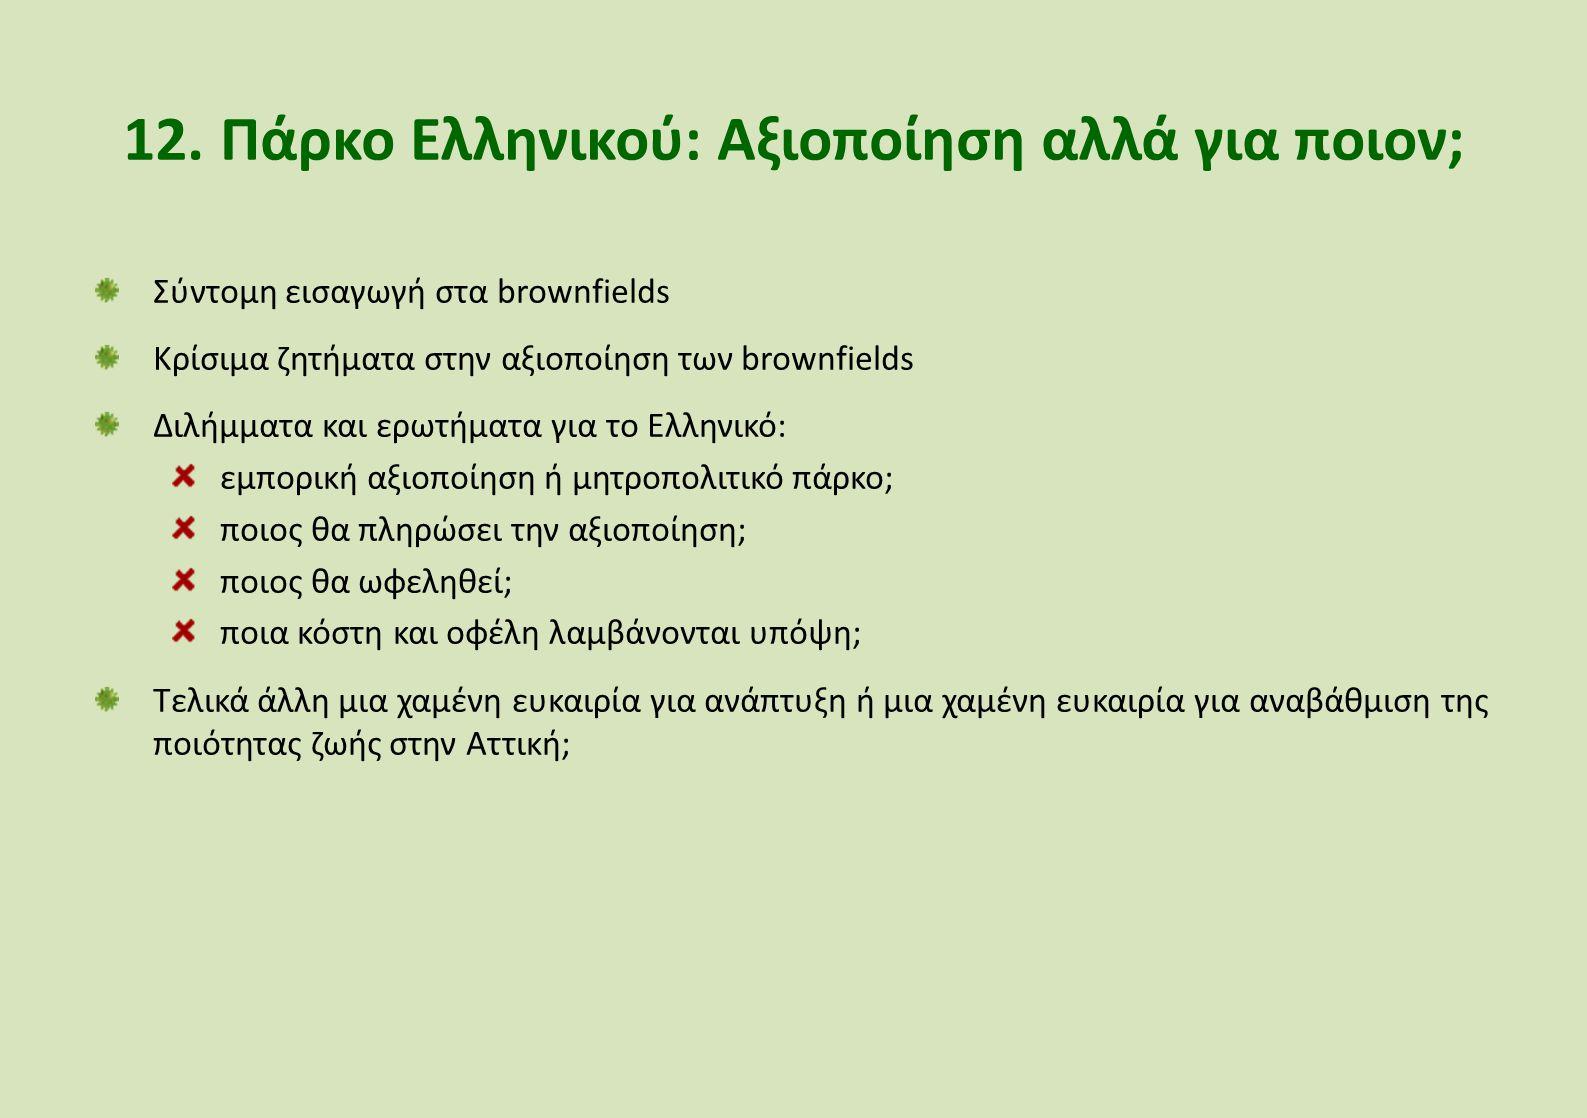 12. Πάρκο Ελληνικού: Αξιοποίηση αλλά για ποιον;